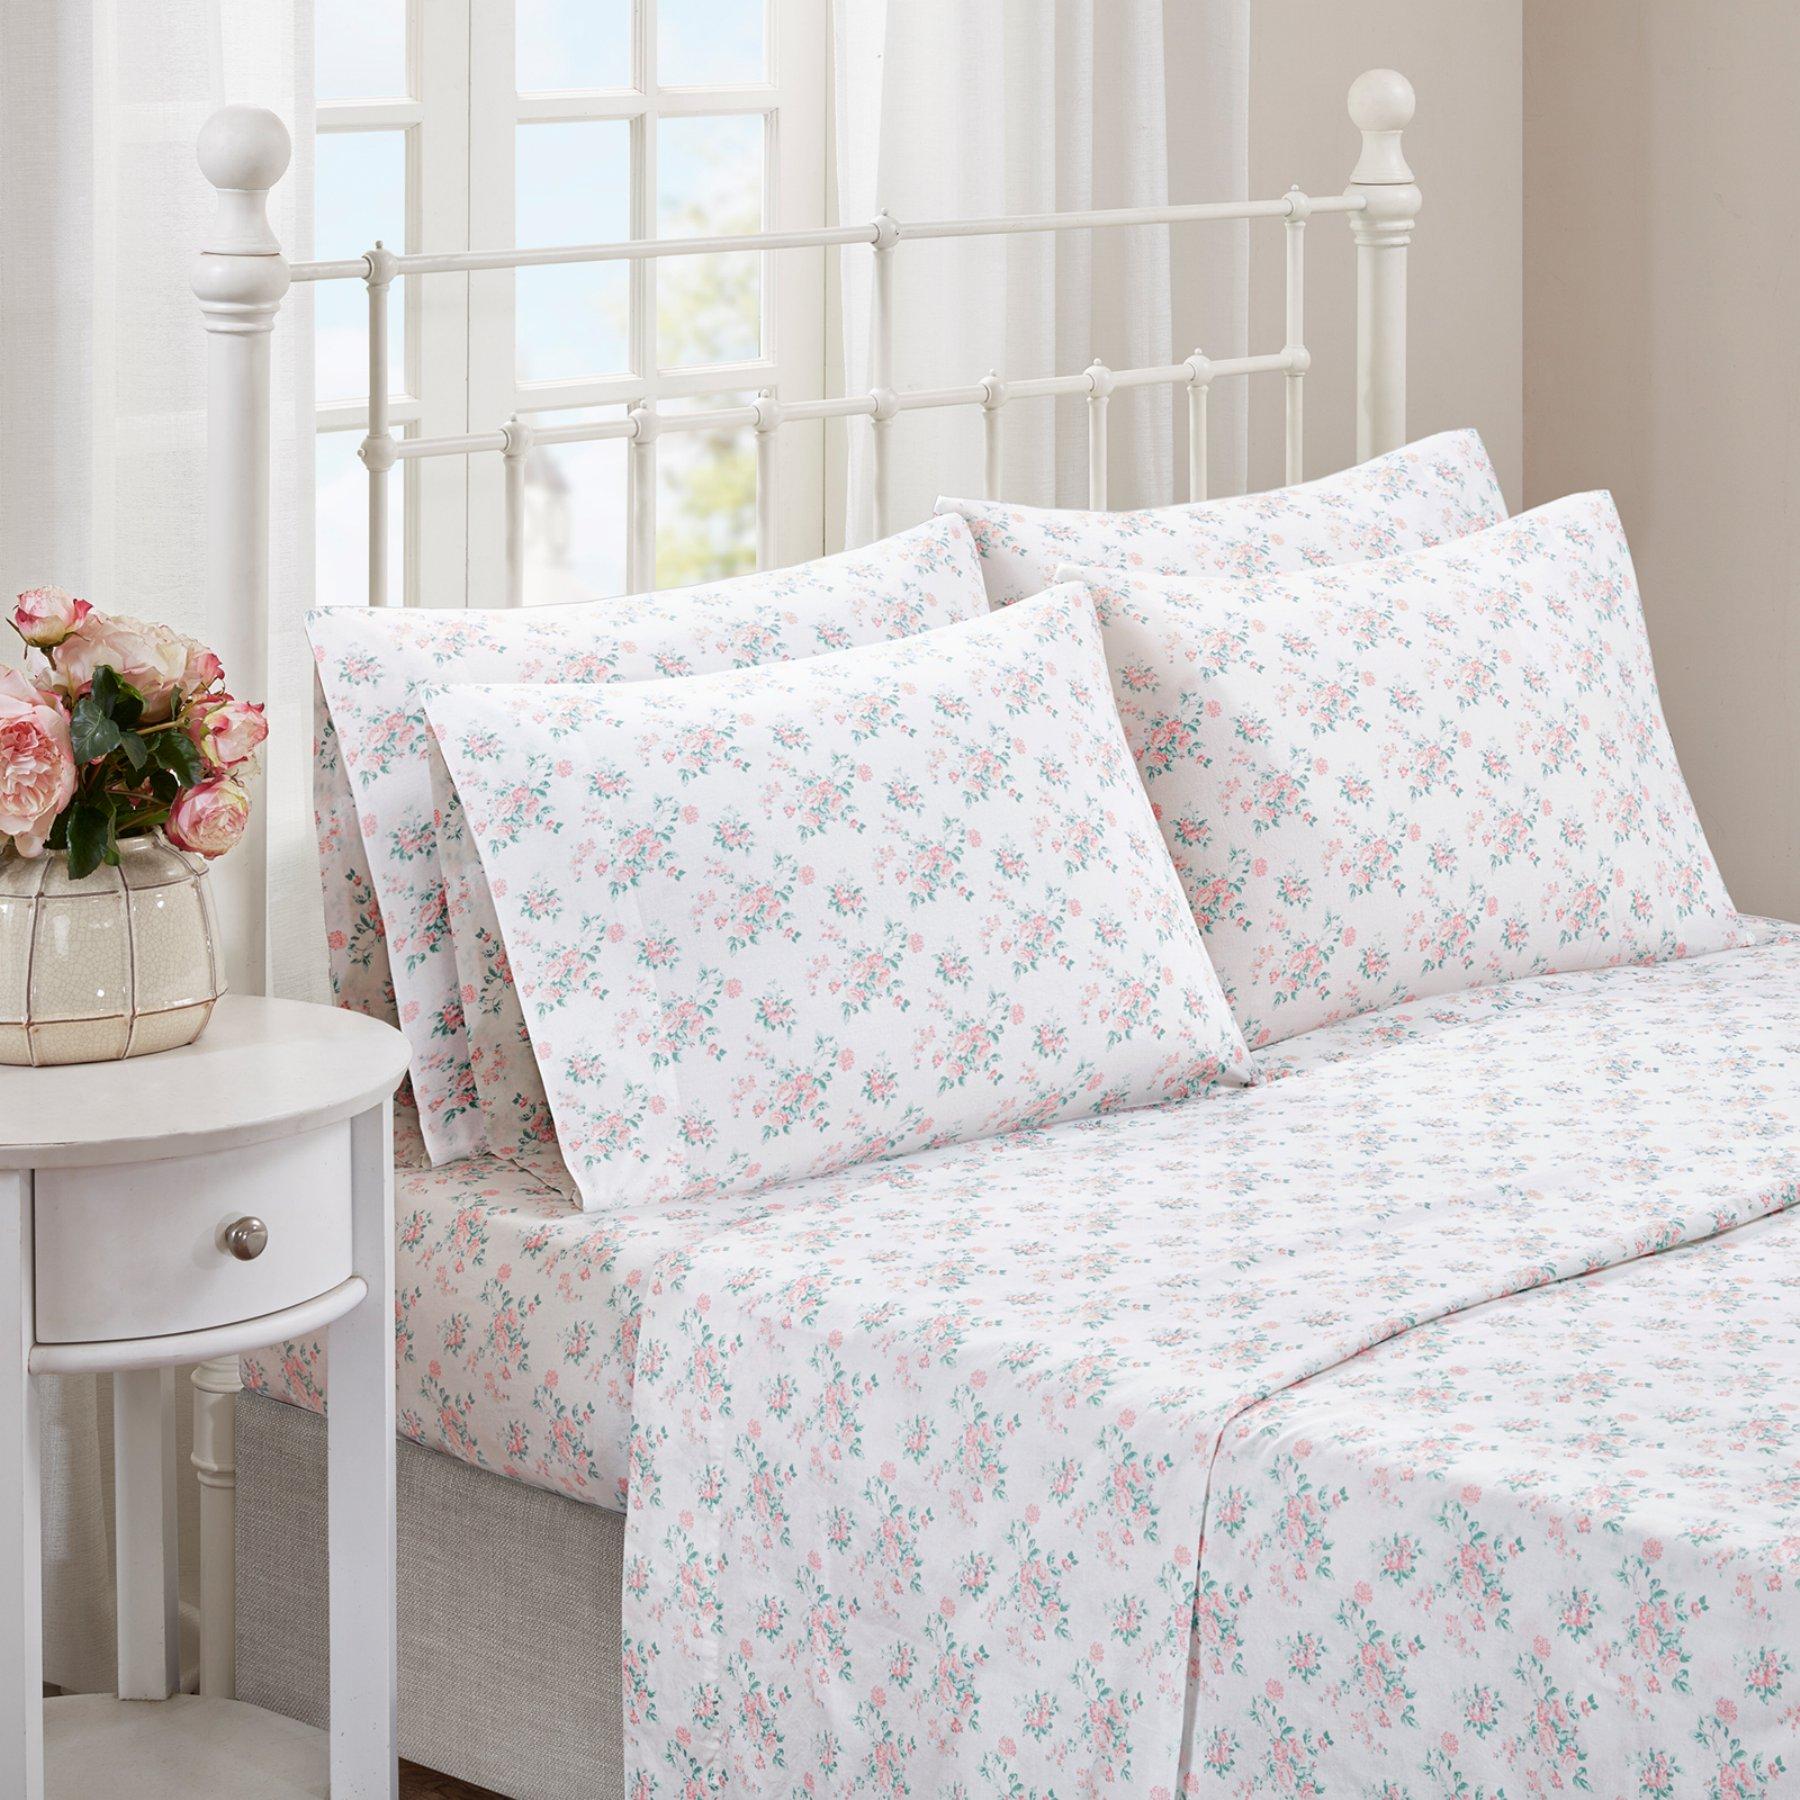 Floral Comfort Wash Sheet Set By Madison Park  Mp20 4090